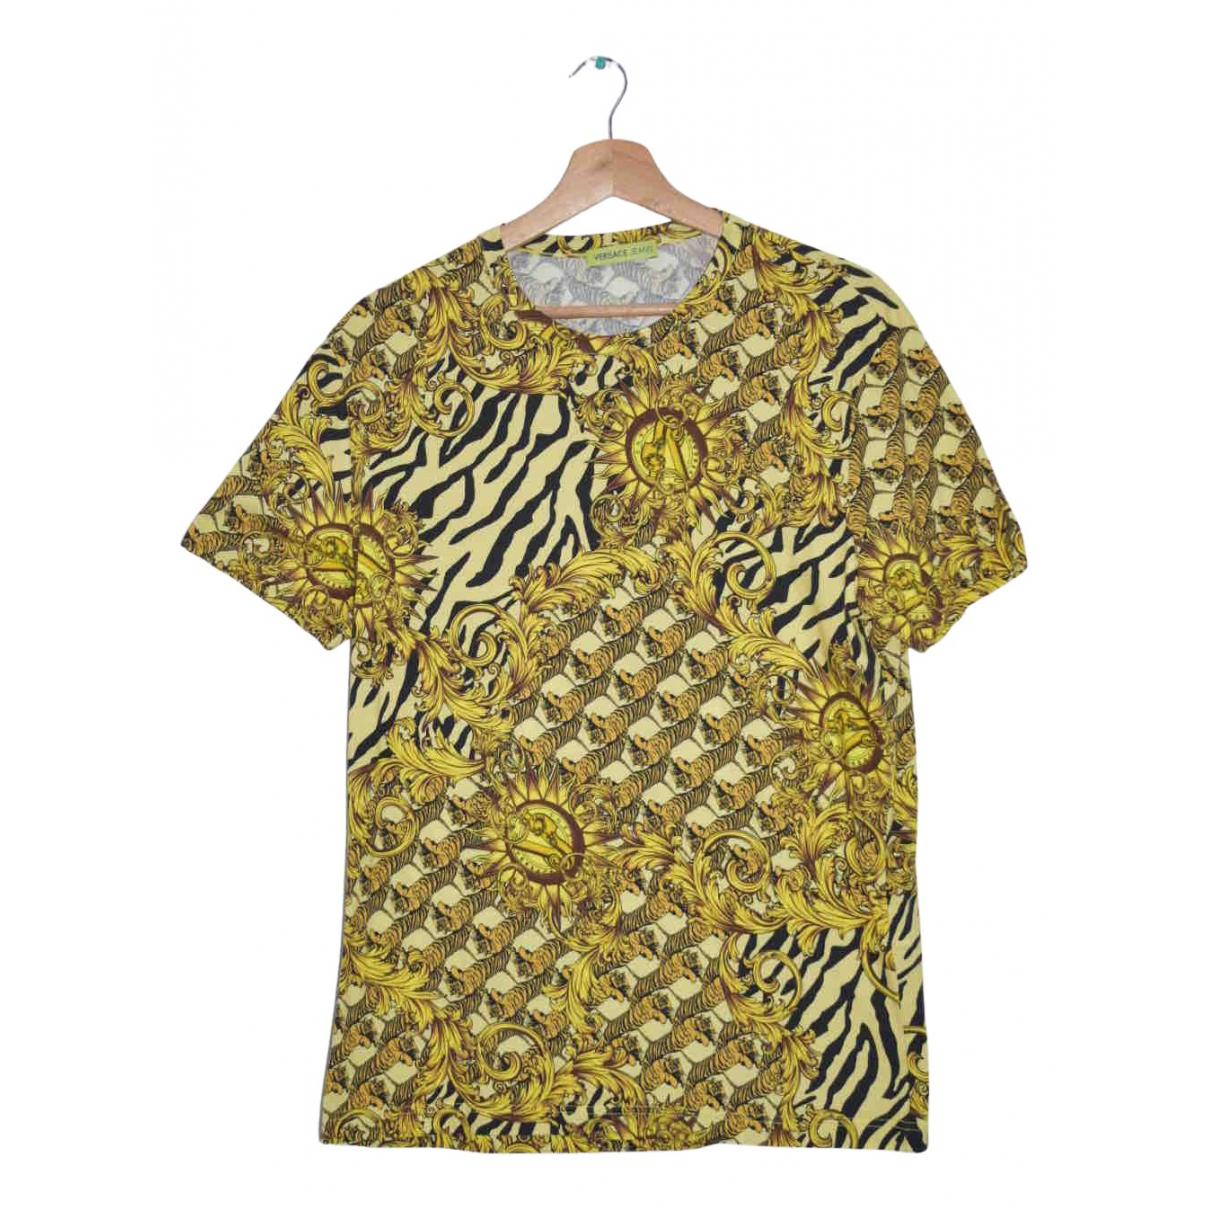 Versace Jean - Tee shirts   pour homme en coton - dore